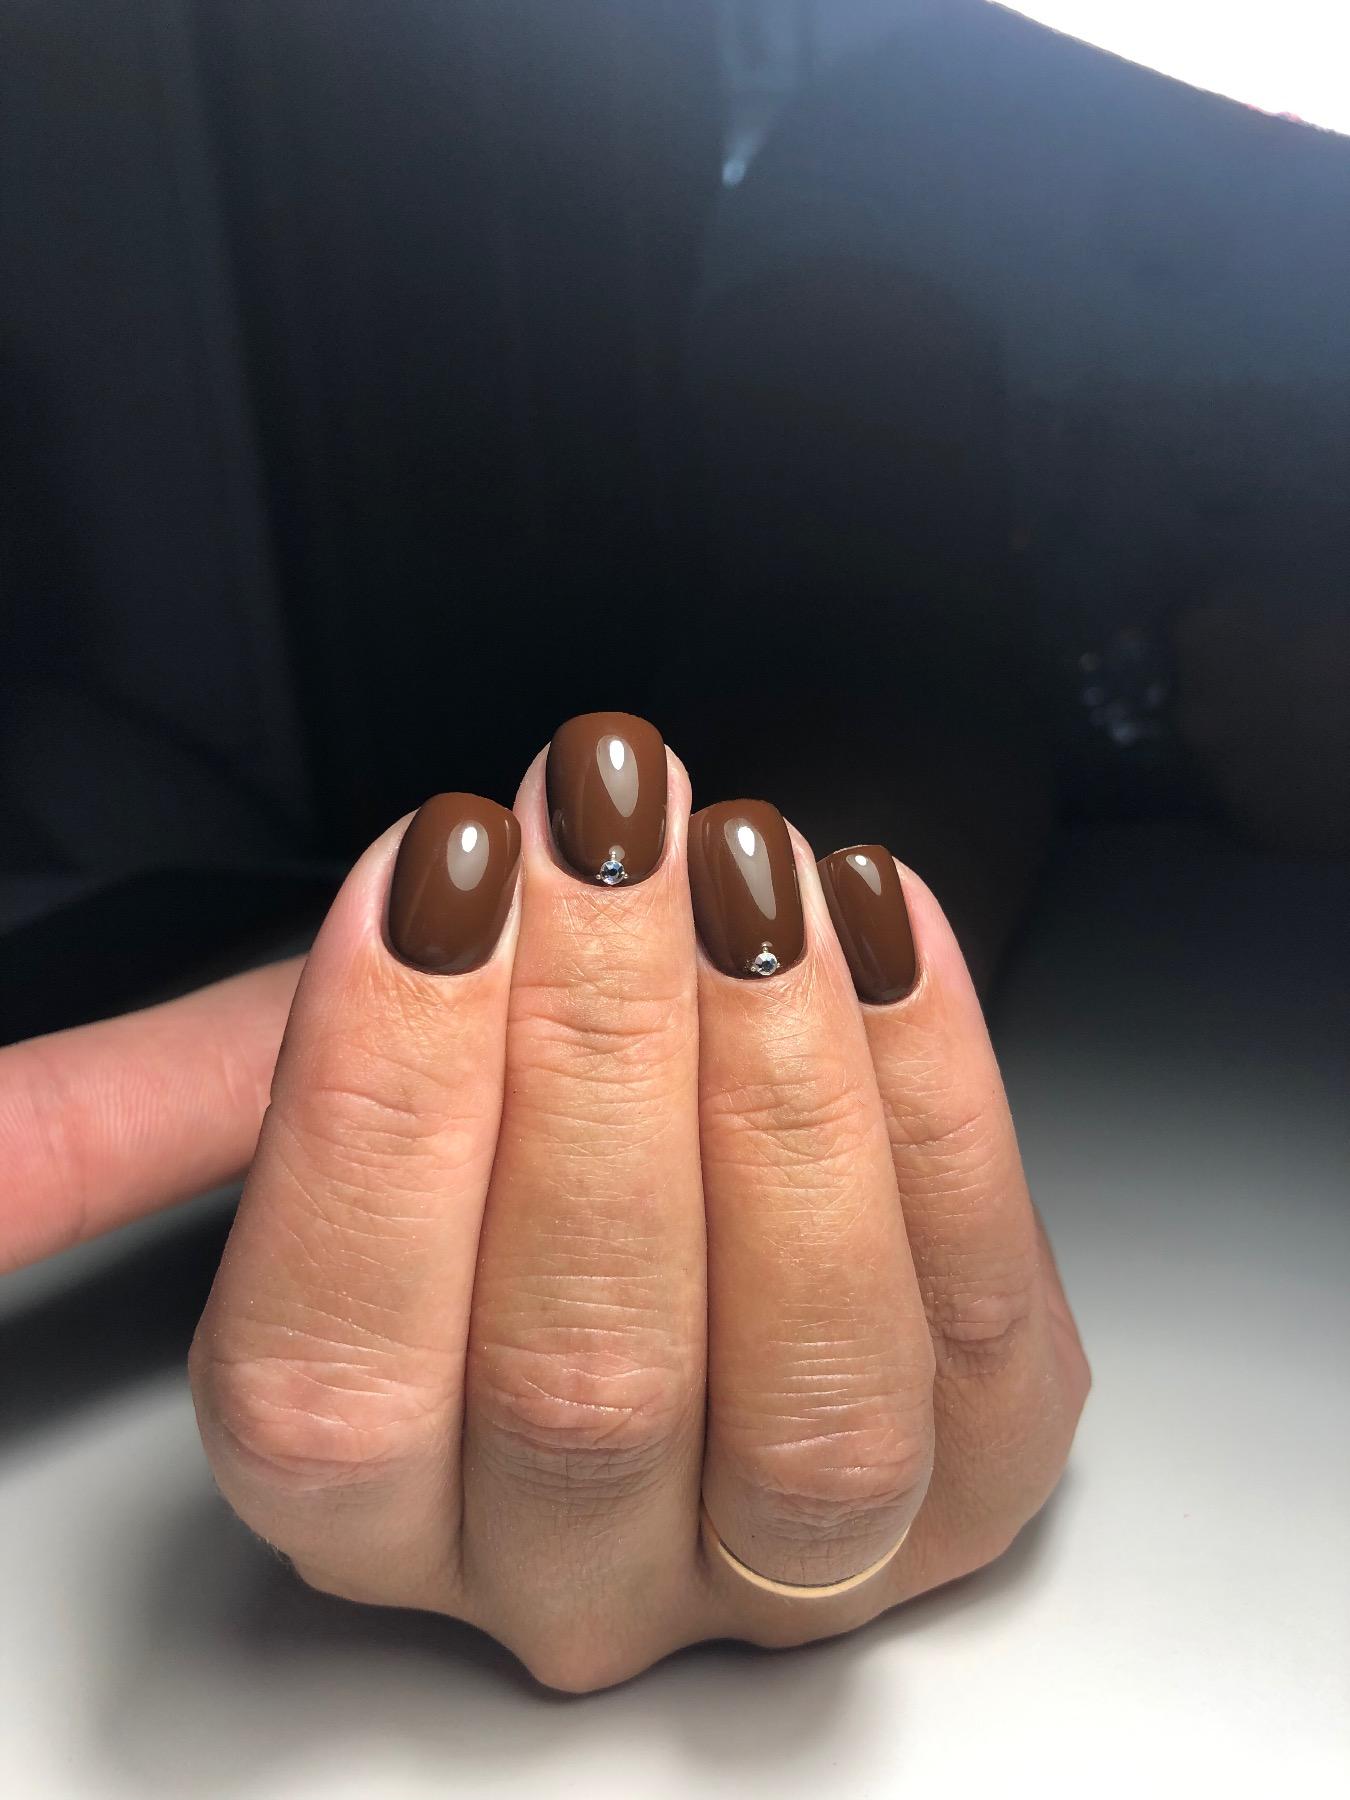 Маникюр со стразами в коричневом цвете на короткие ногти.